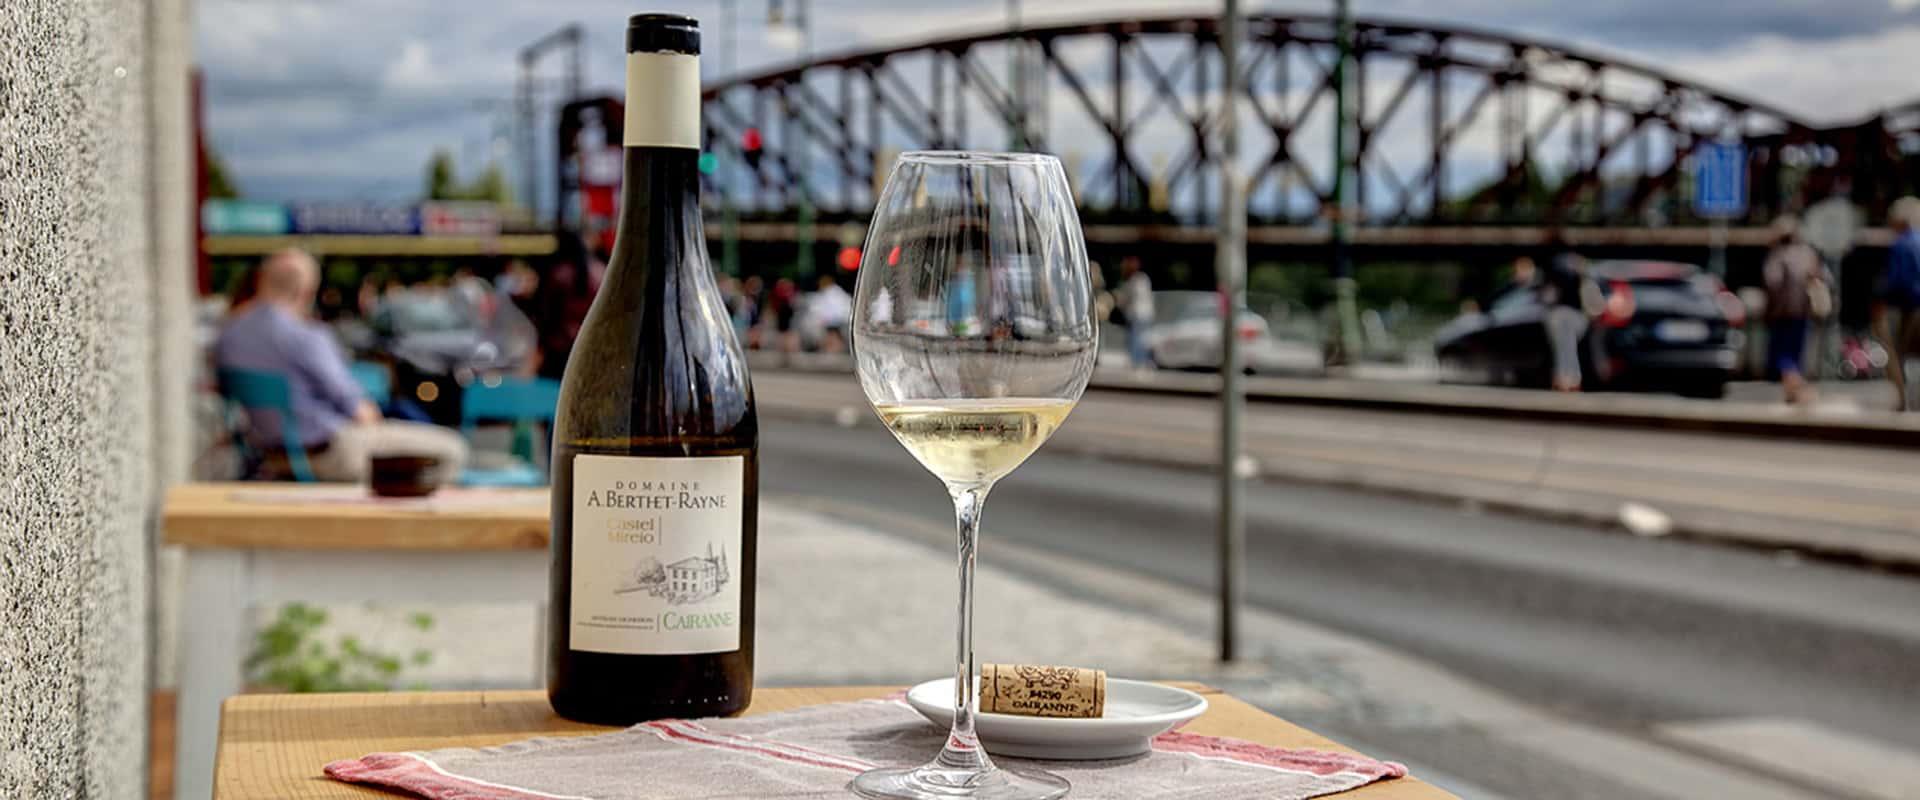 vinárny Na břehu Rhôny - kontakt